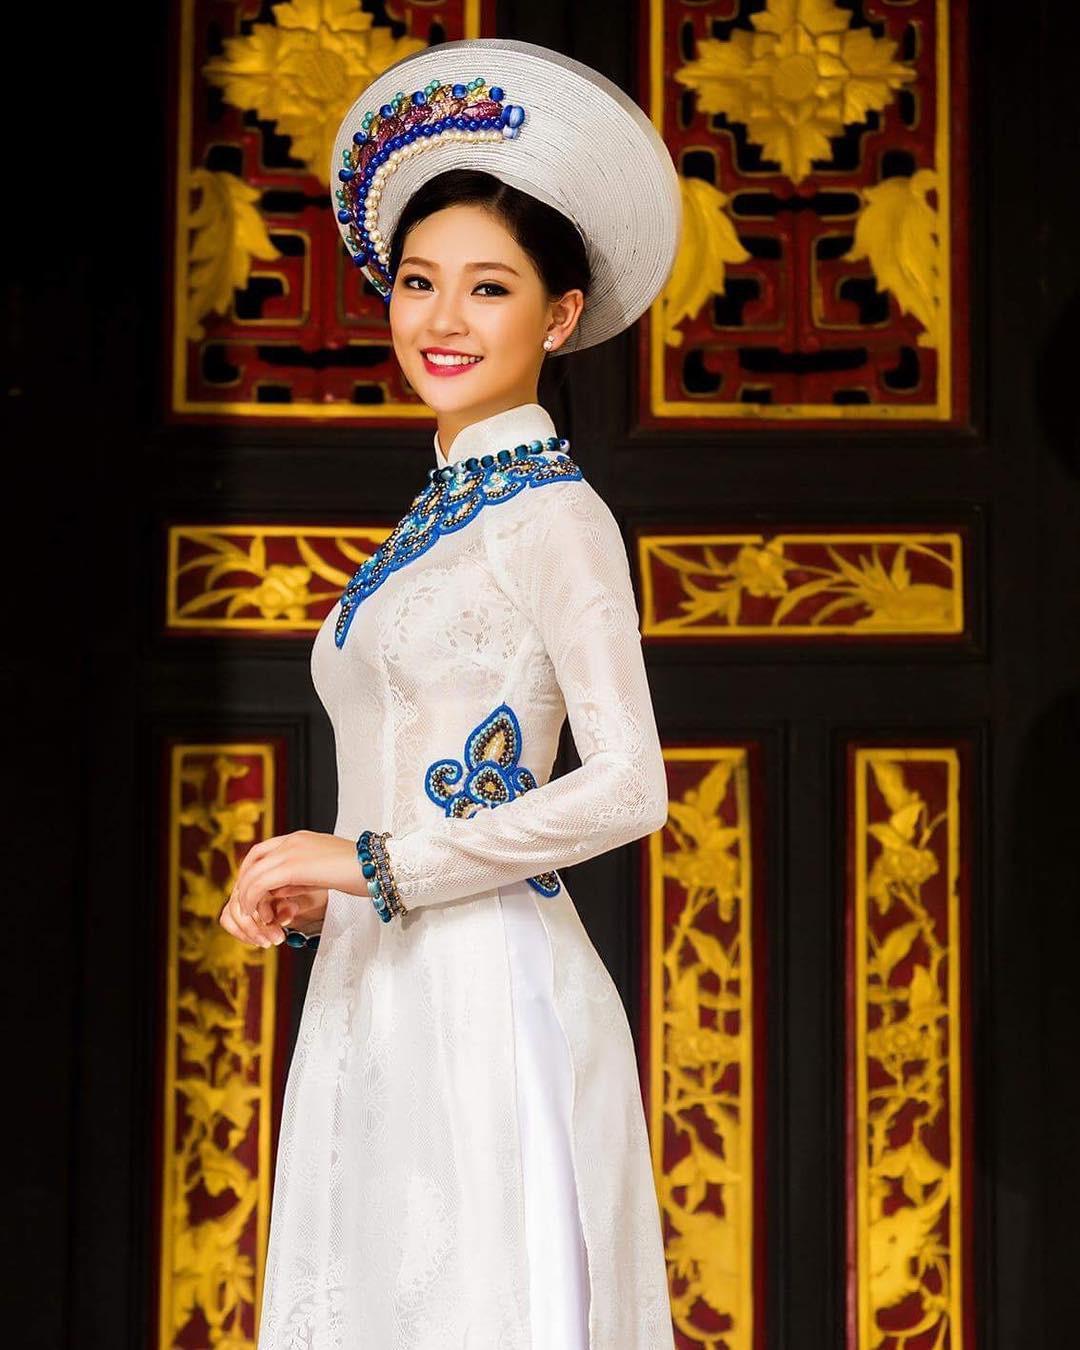 Nhà có 3 nàng tiên phiên bản đời thực: Ai cũng xinh đẹp, dáng chuẩn và cùng thi hoa hậu - Ảnh 3.